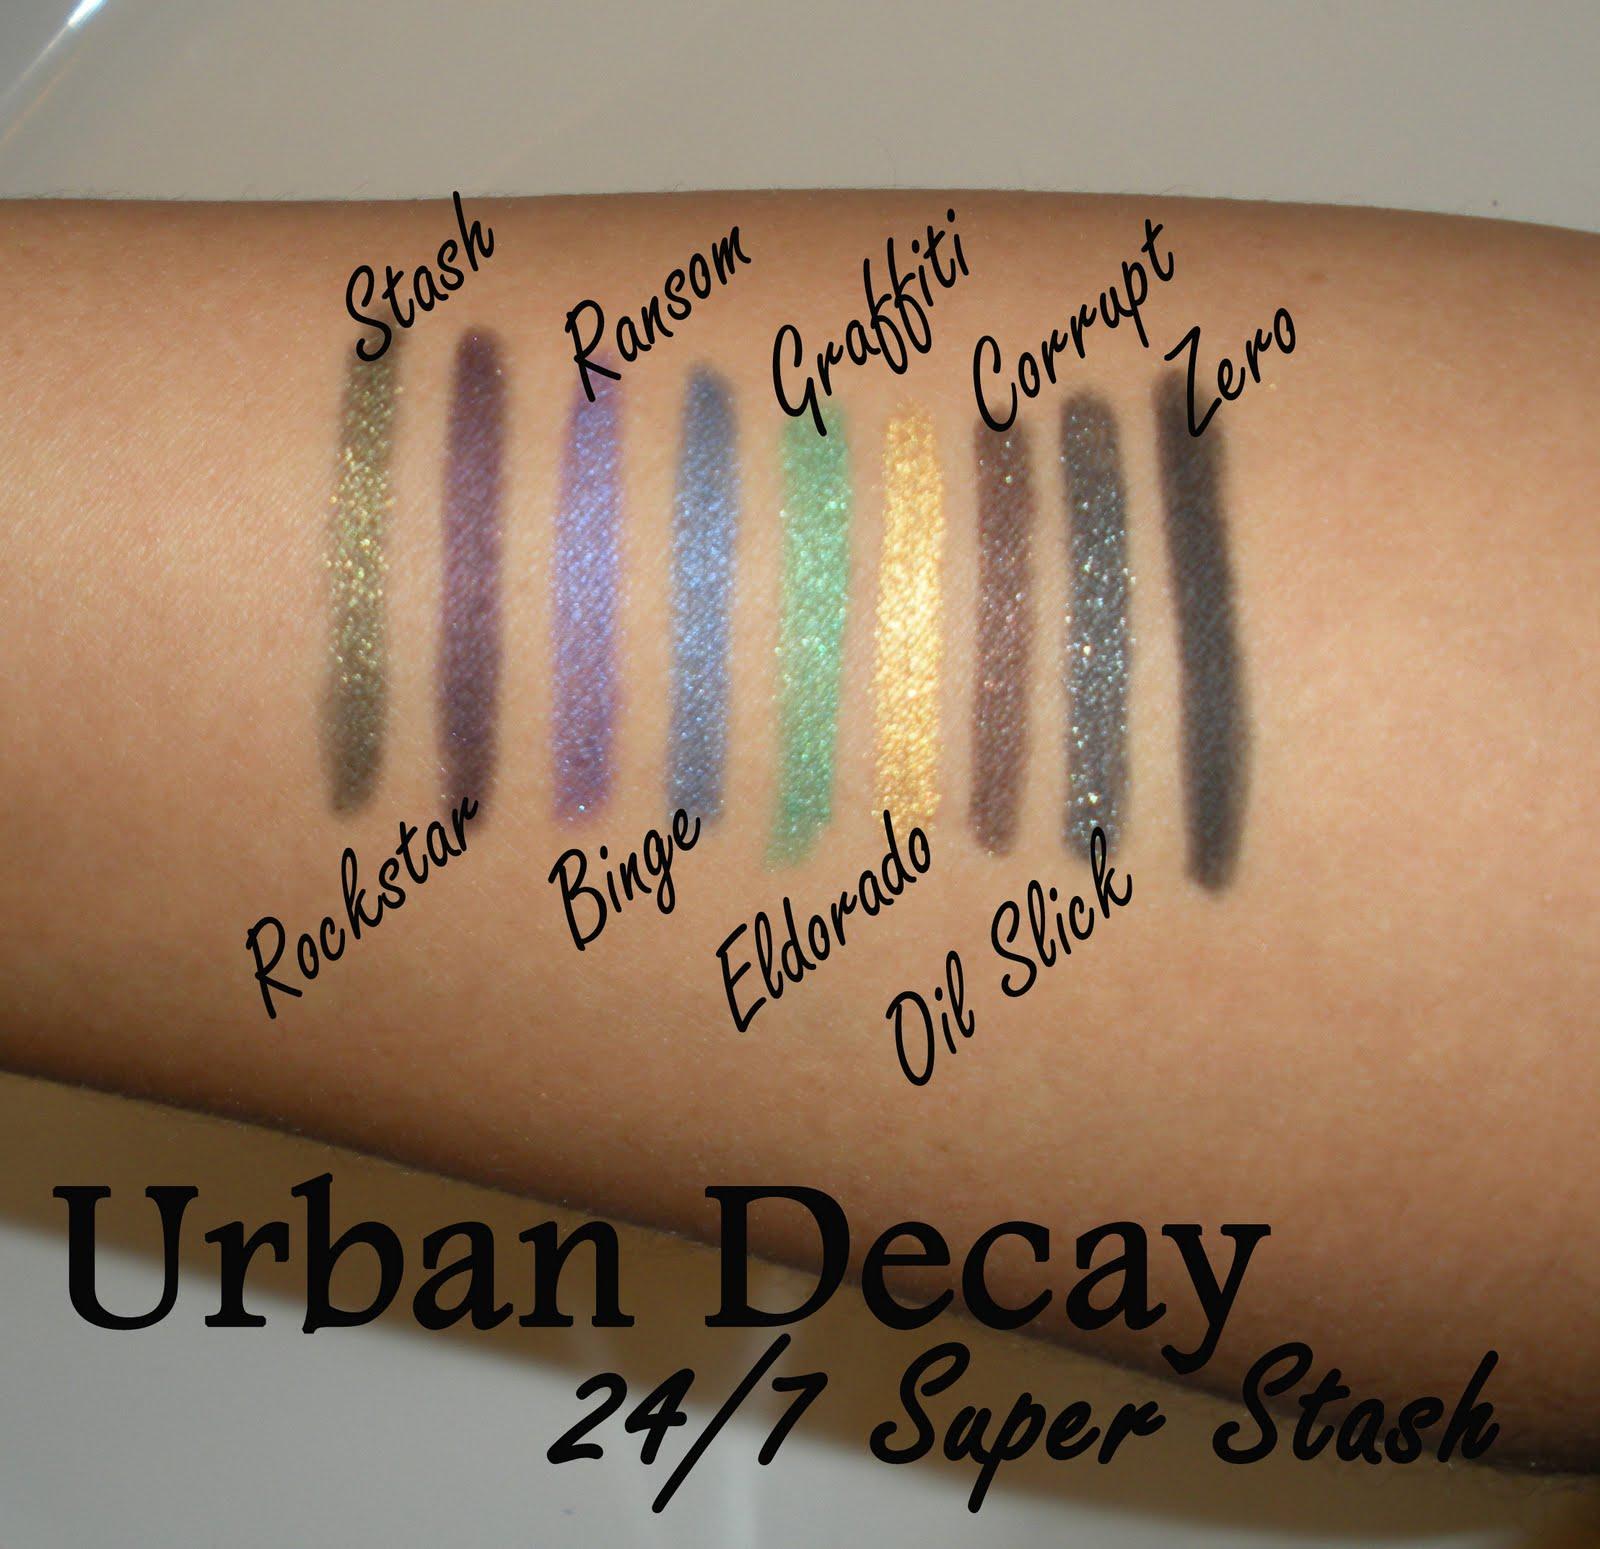 http://1.bp.blogspot.com/_V7lJdZi_T9A/SwscojfJXjI/AAAAAAAAQn4/nYOnz5zh3Gs/s1600/Urban_Decay_24-7_Super_Stash.jpg